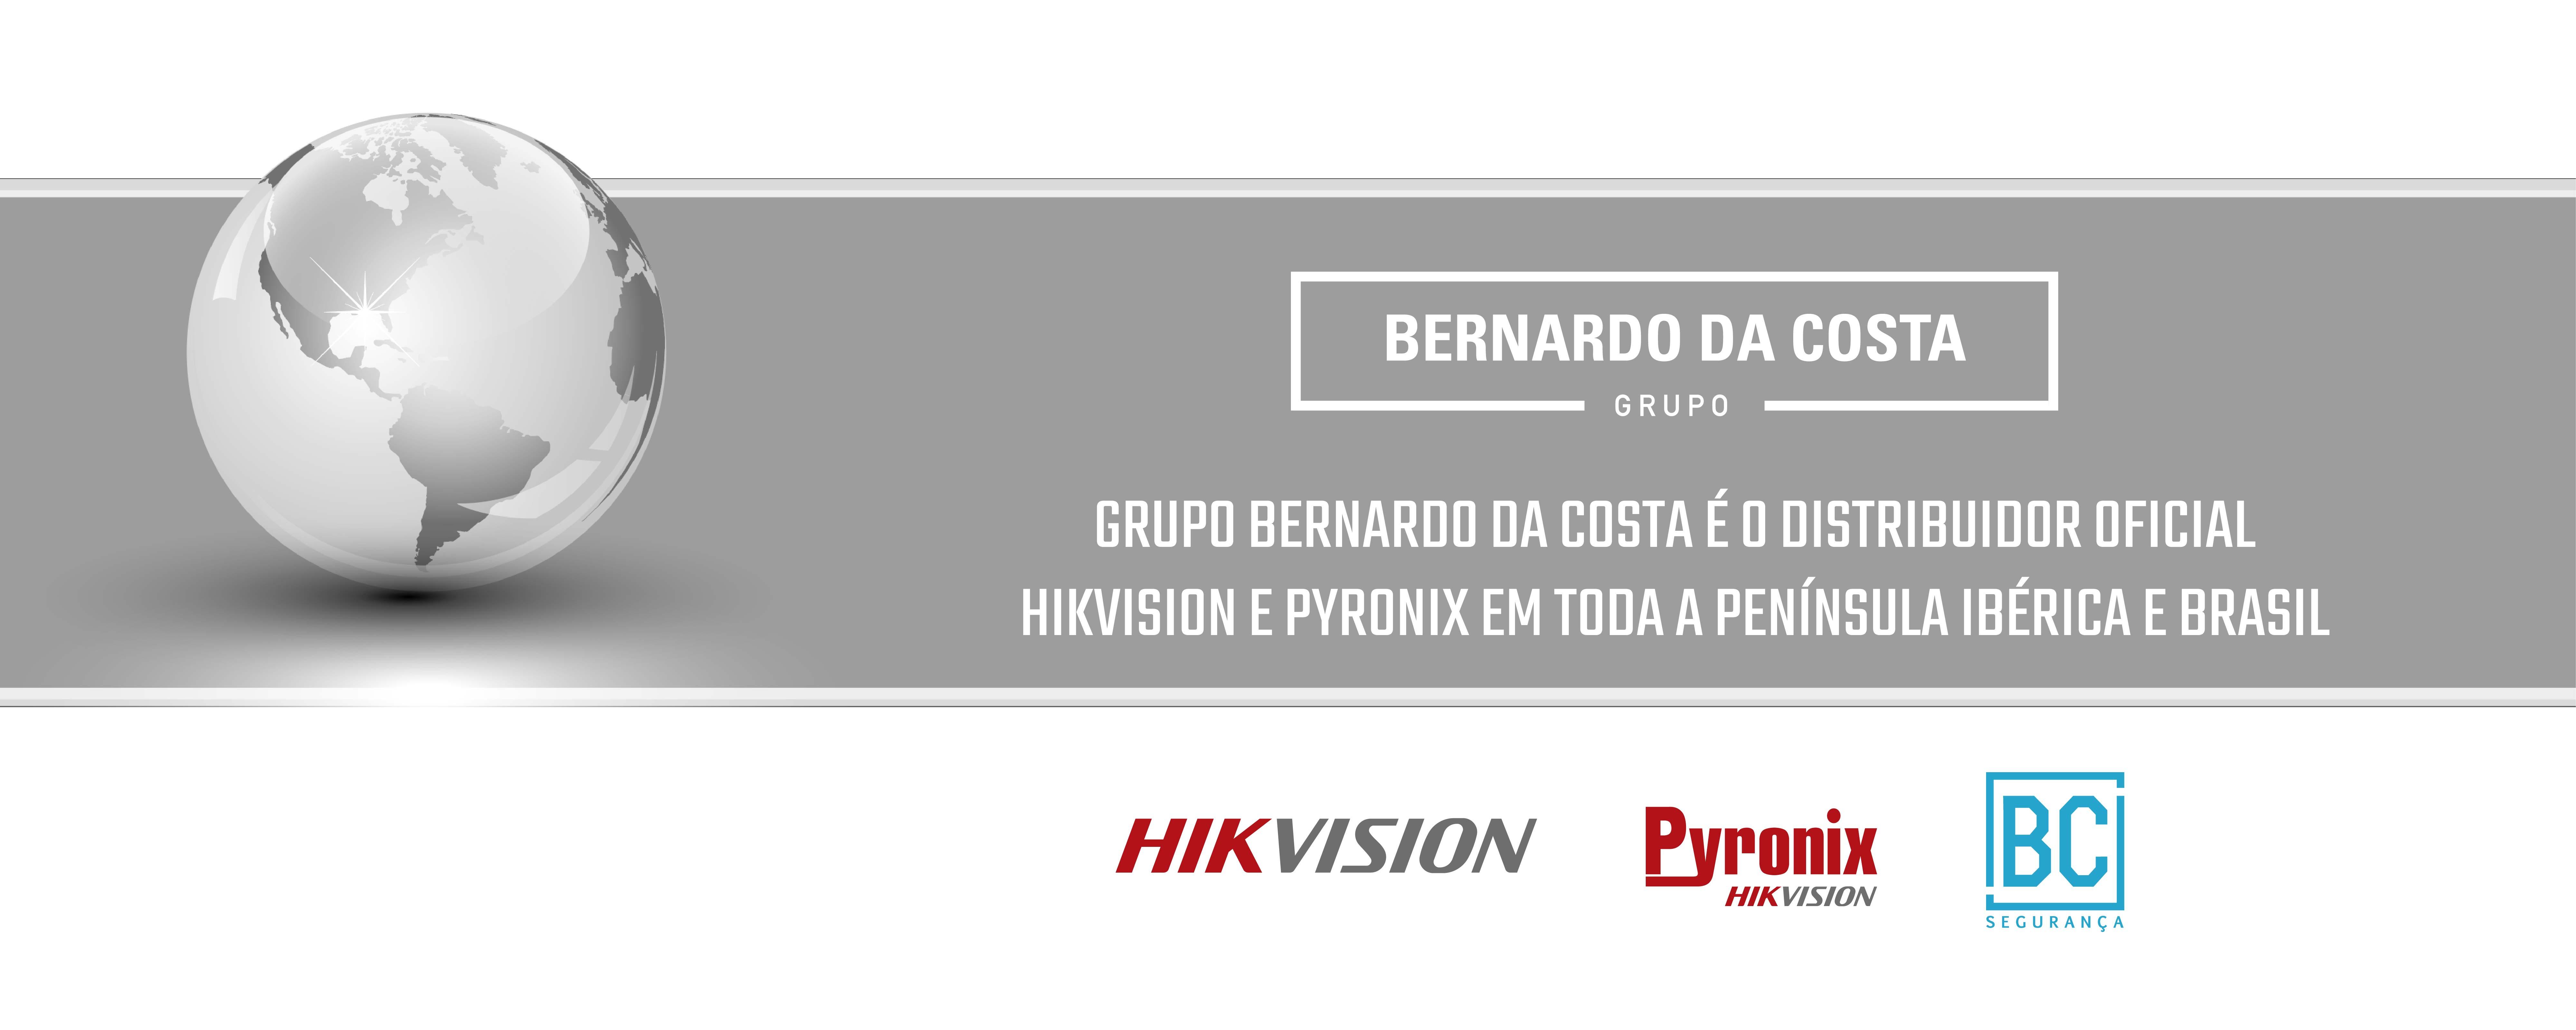 Distribuidor oficial Península Ibérica e Brasil